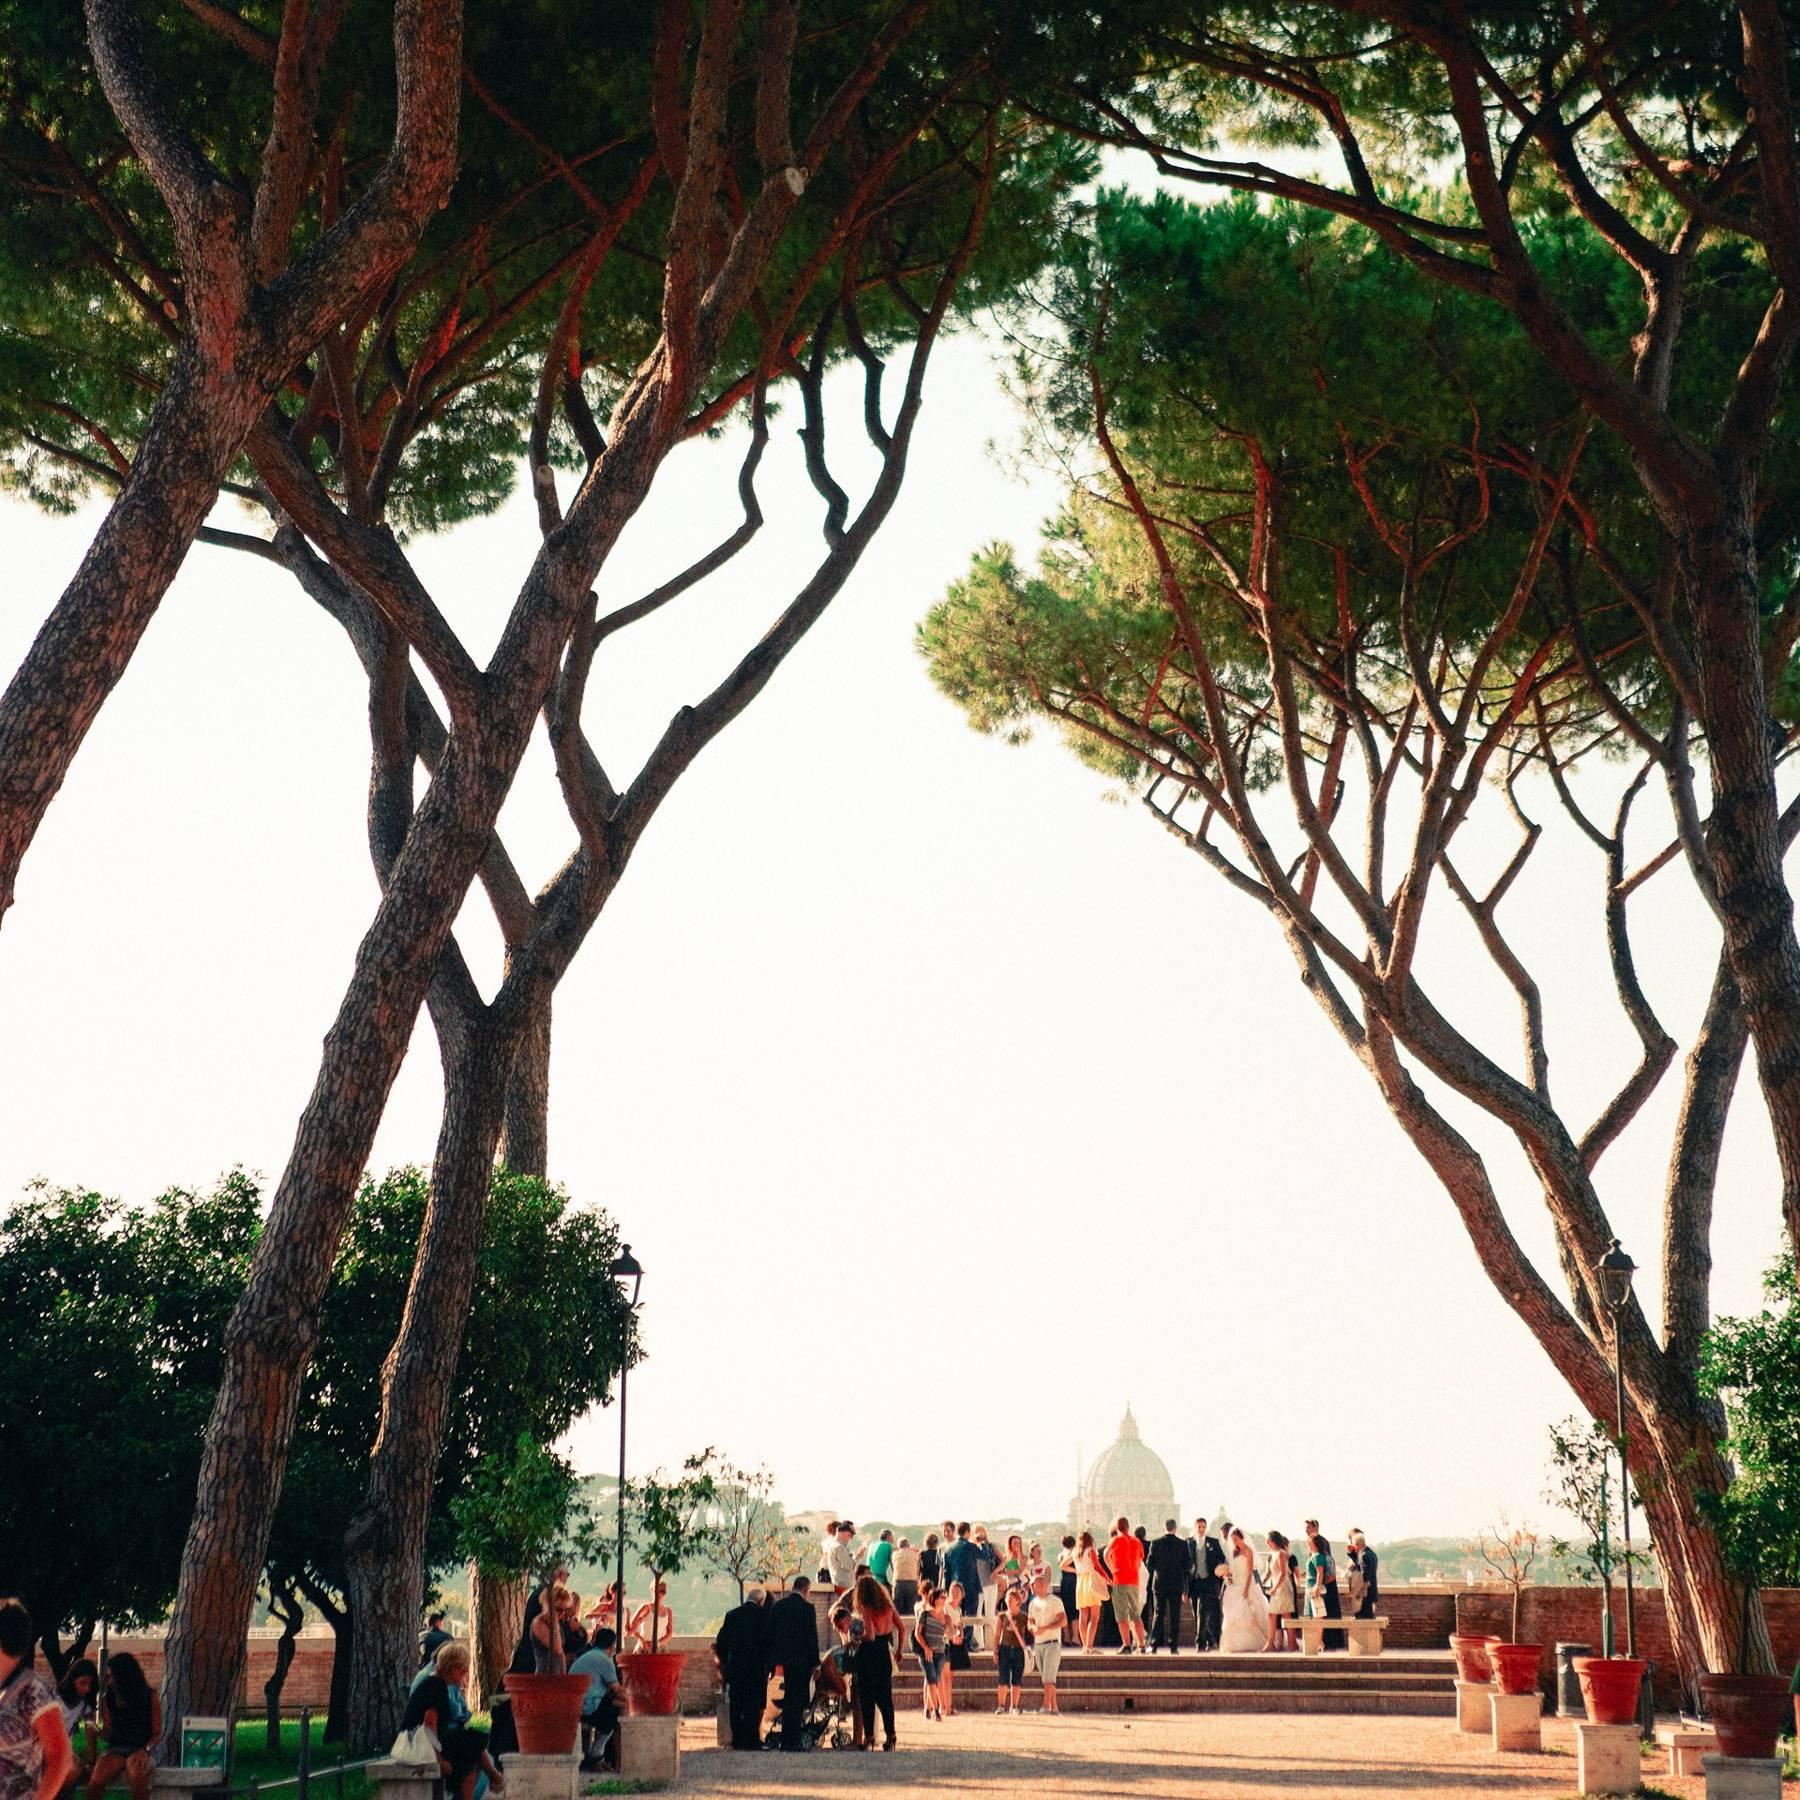 Casa Coppola Roma Rm rome, italy - condé nast traveller | cn traveller